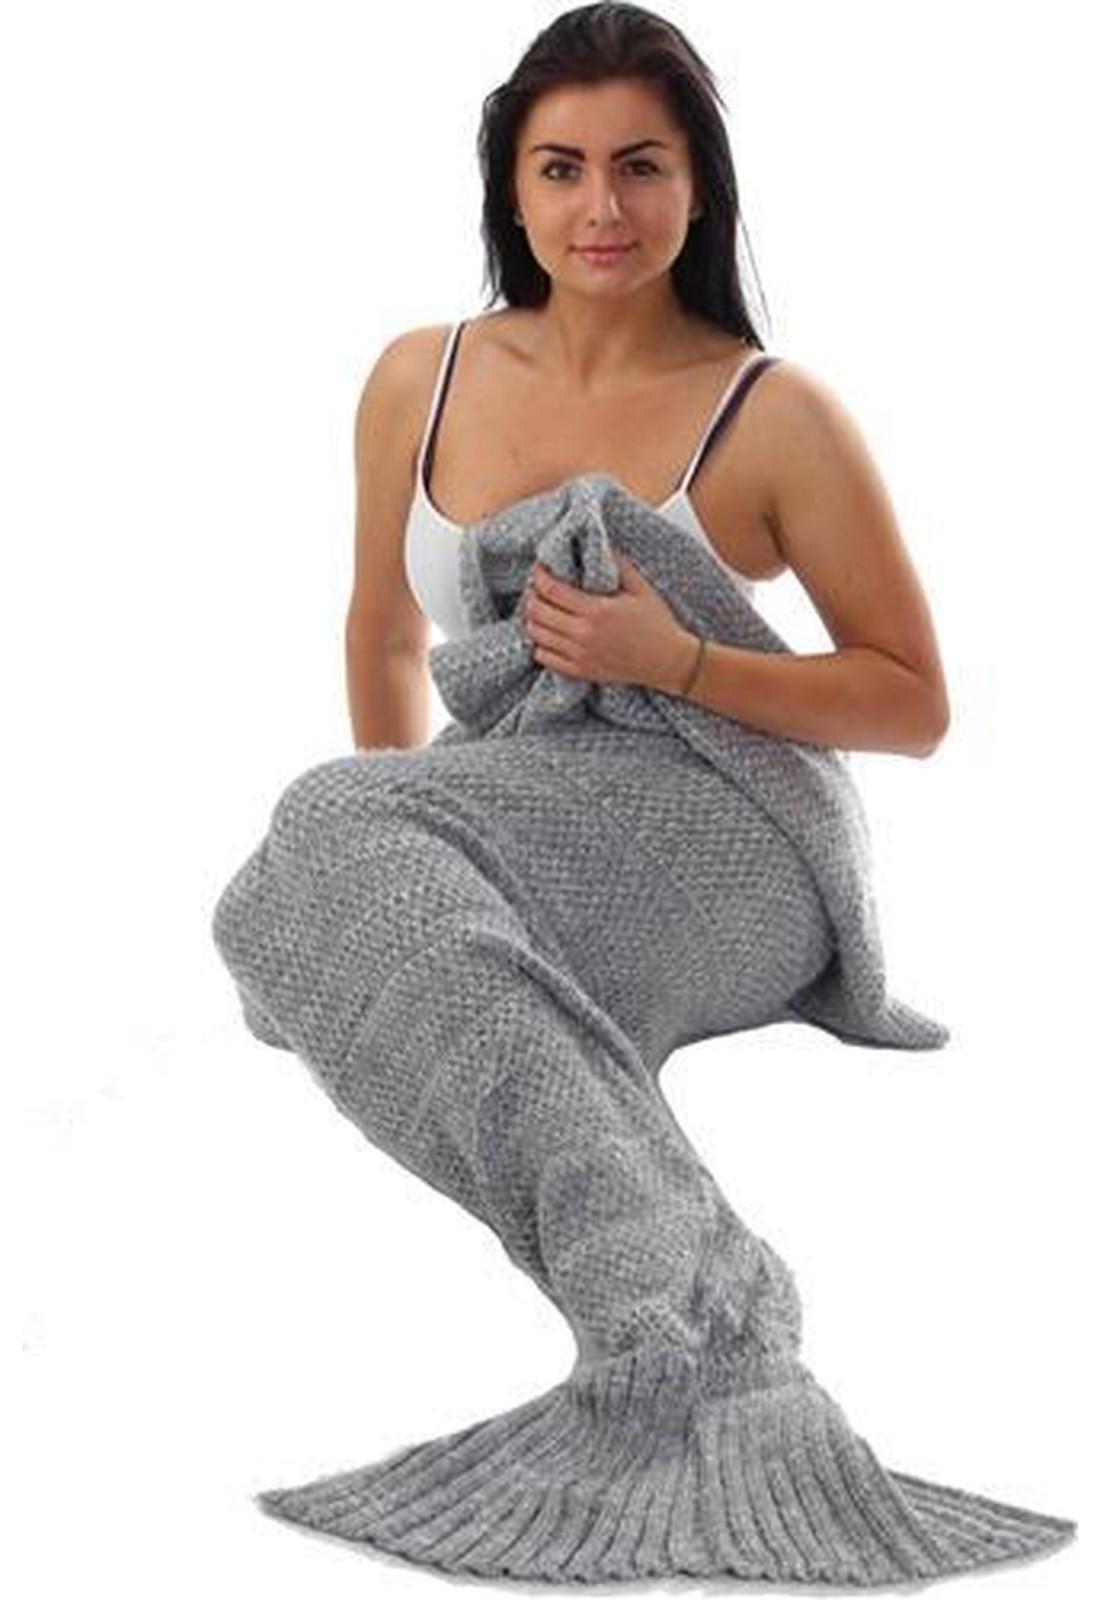 meerjungfrau decke damen bekleidung weihnachtspullover turnbeutel. Black Bedroom Furniture Sets. Home Design Ideas